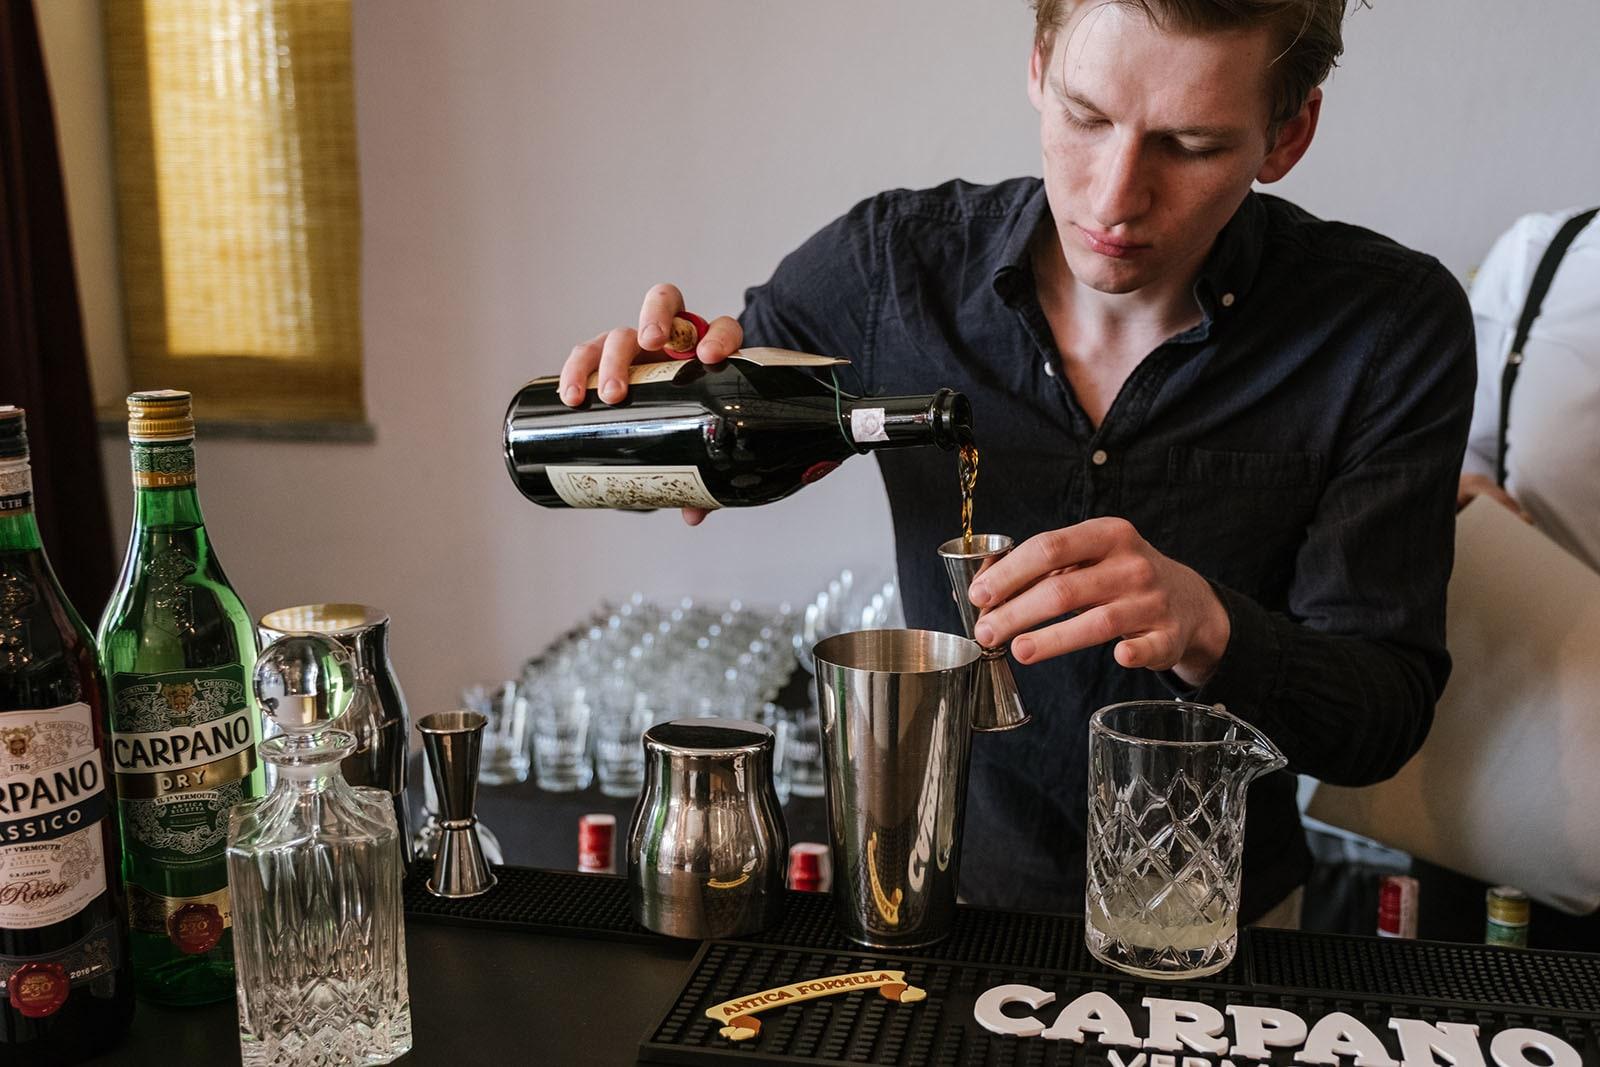 Vermouth, Carpano